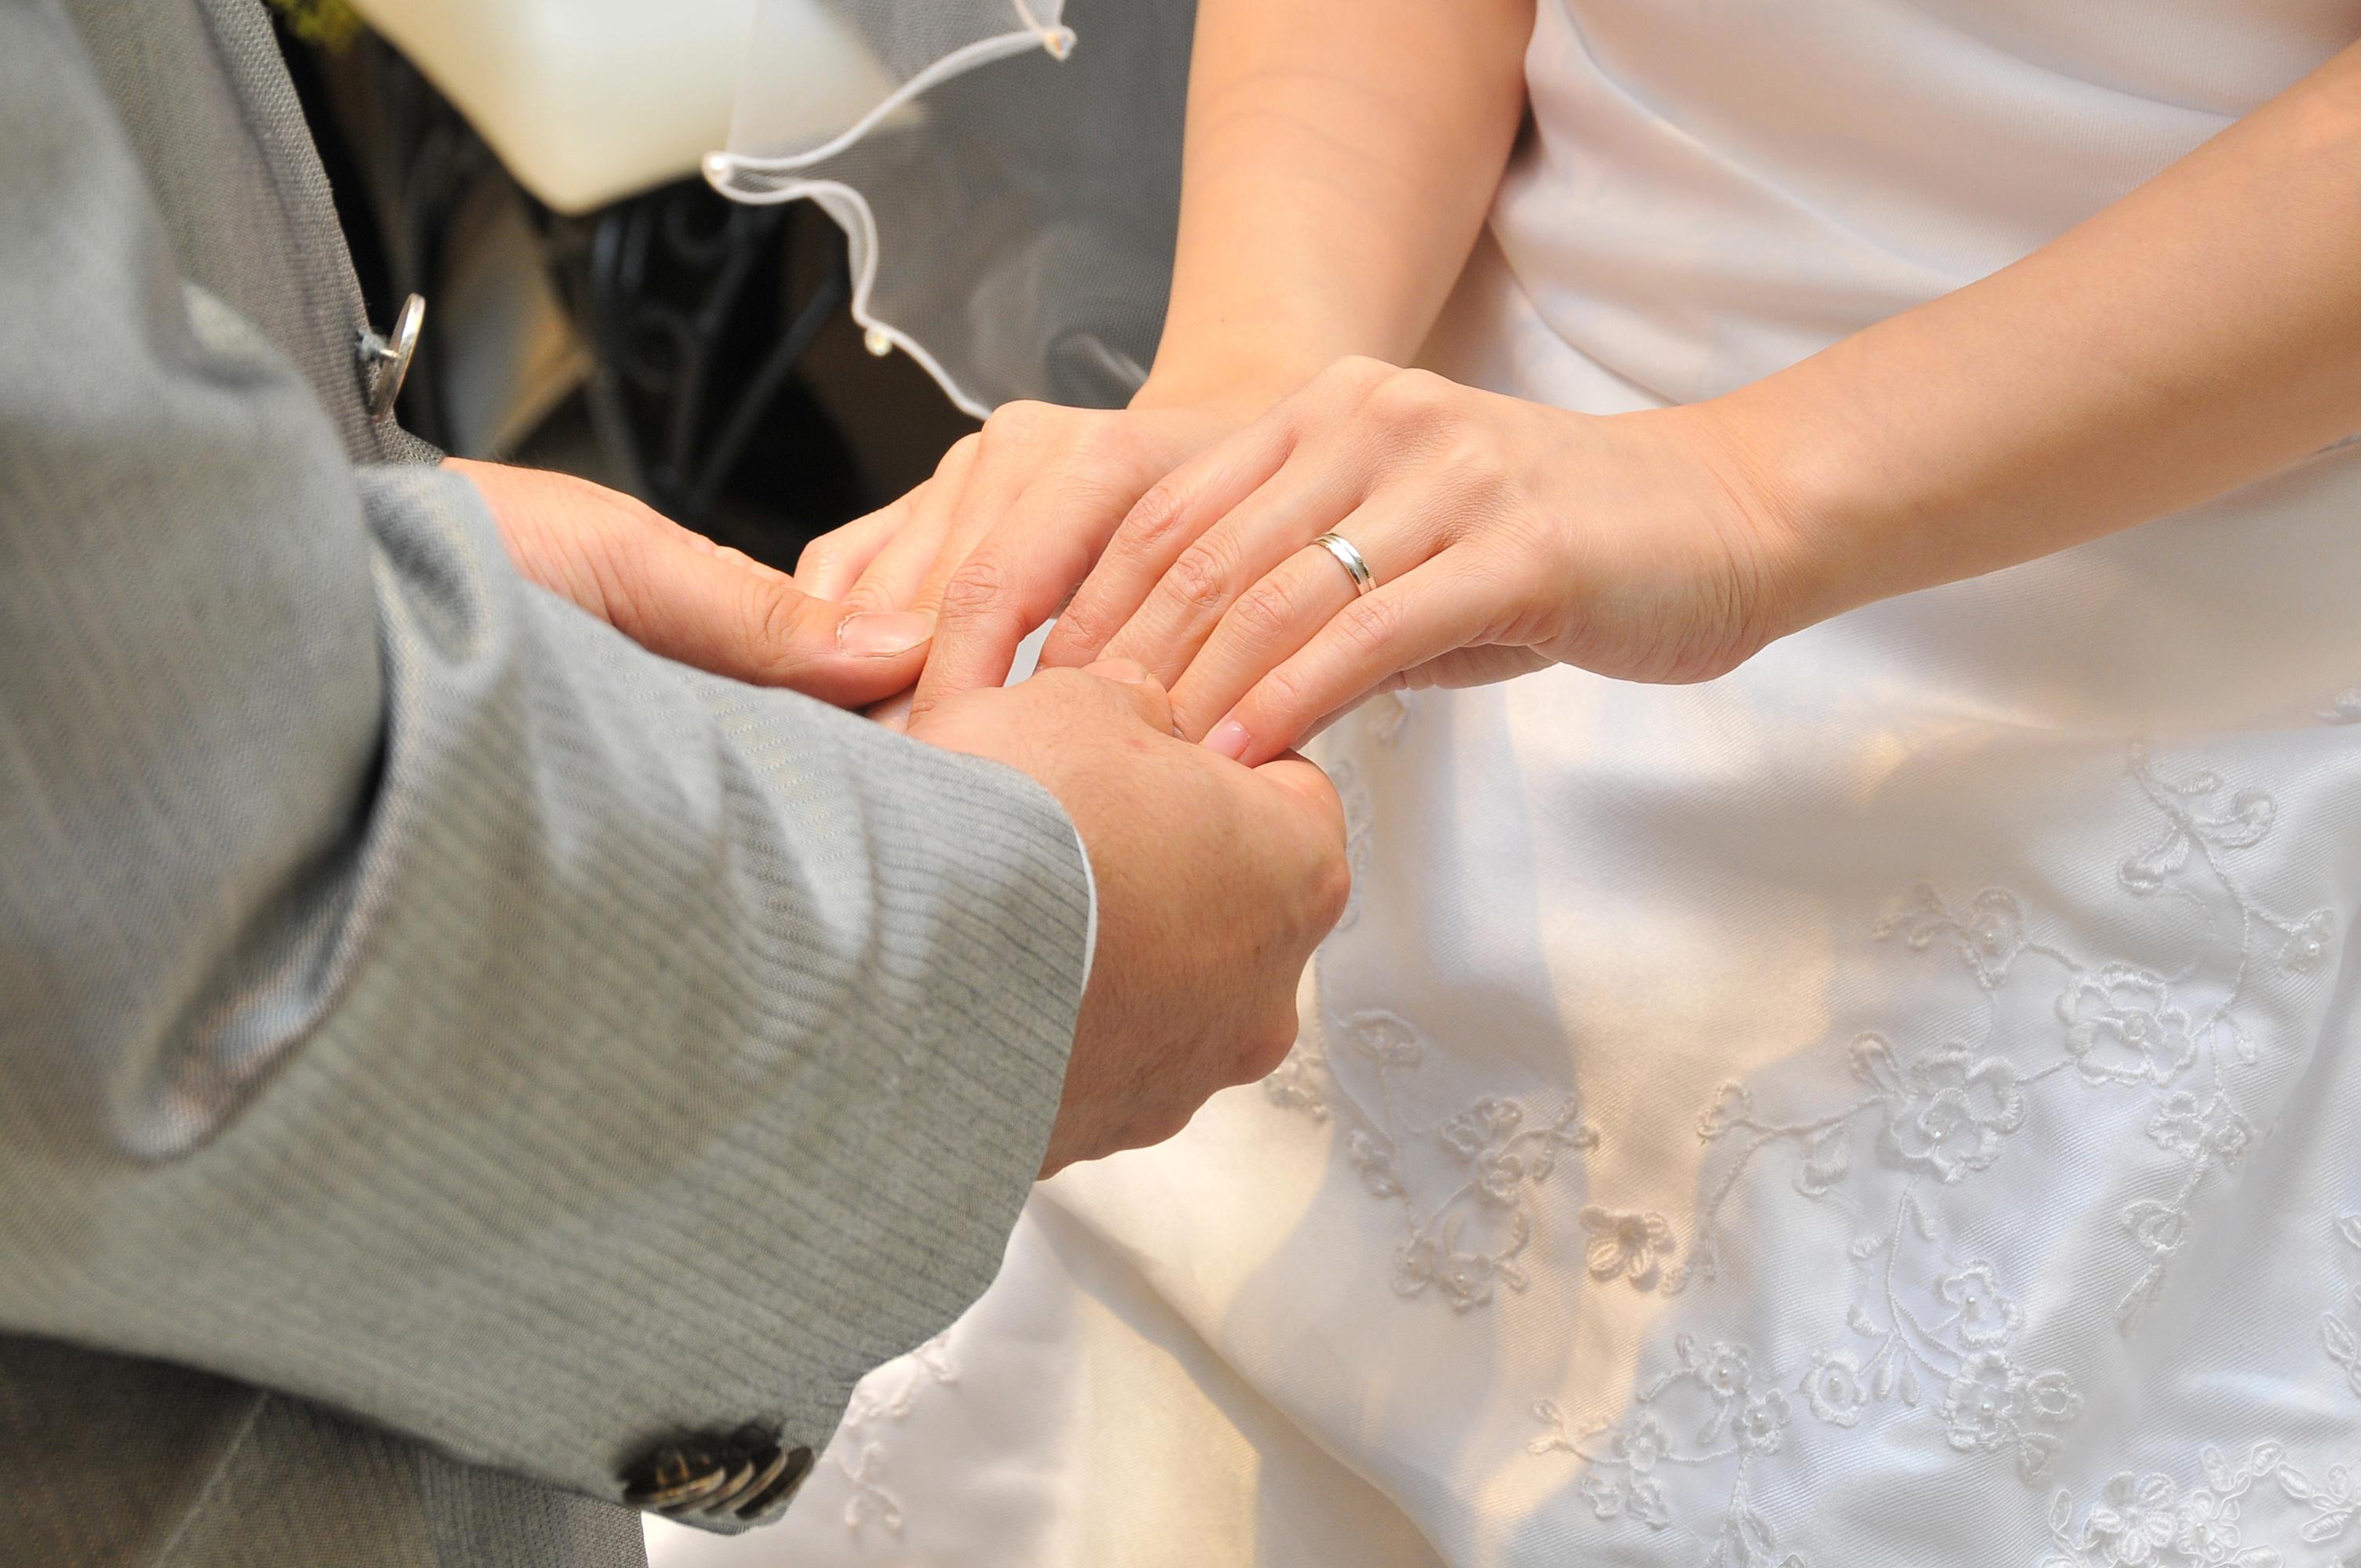 【静岡市・浜松市】婚約指輪と結婚指輪はもう用意した?✨👰結婚式にまつわる素敵な言い伝え💒